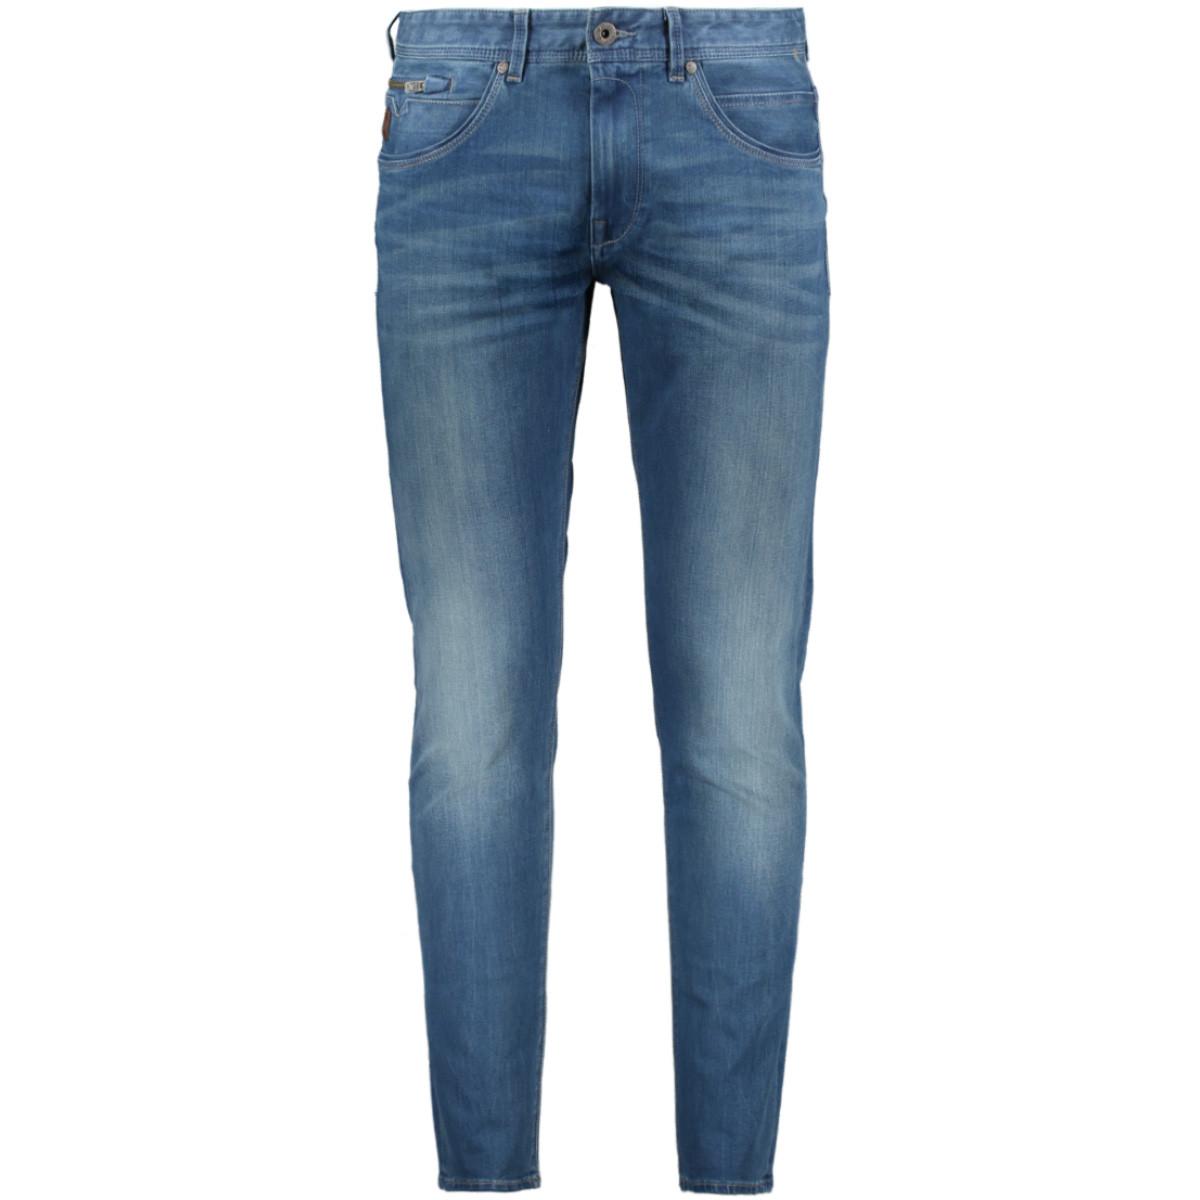 Blauwe heren jeans Vanguard V850 Rider - VTR850 OTT 36